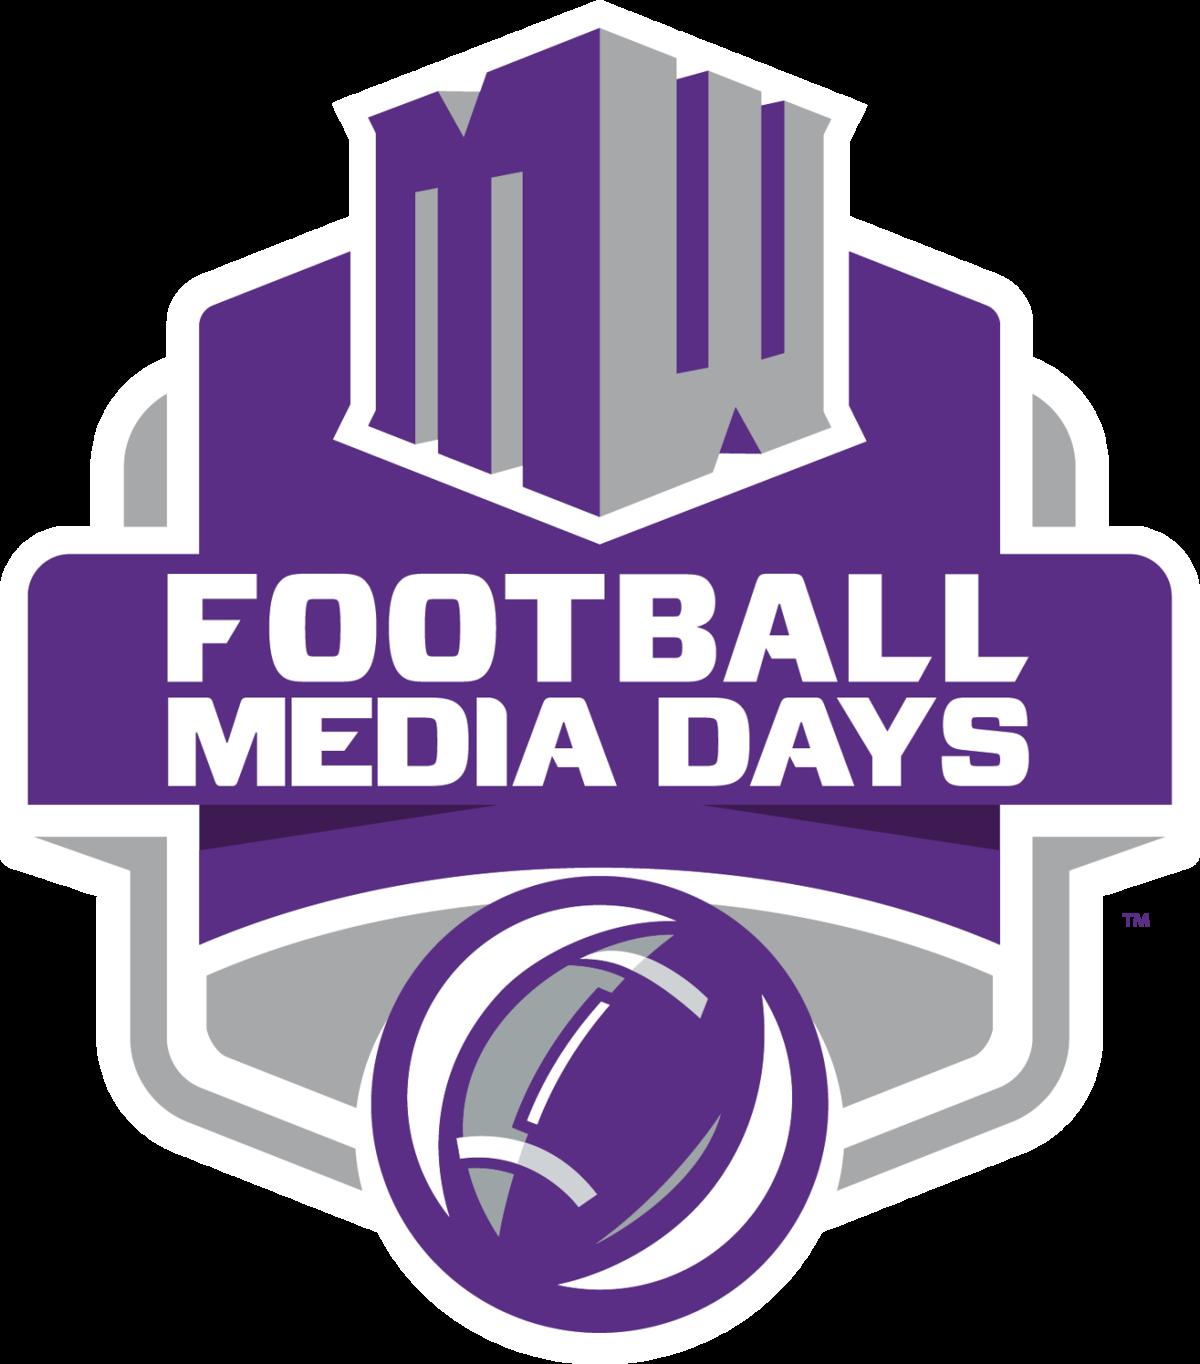 Media Days logo